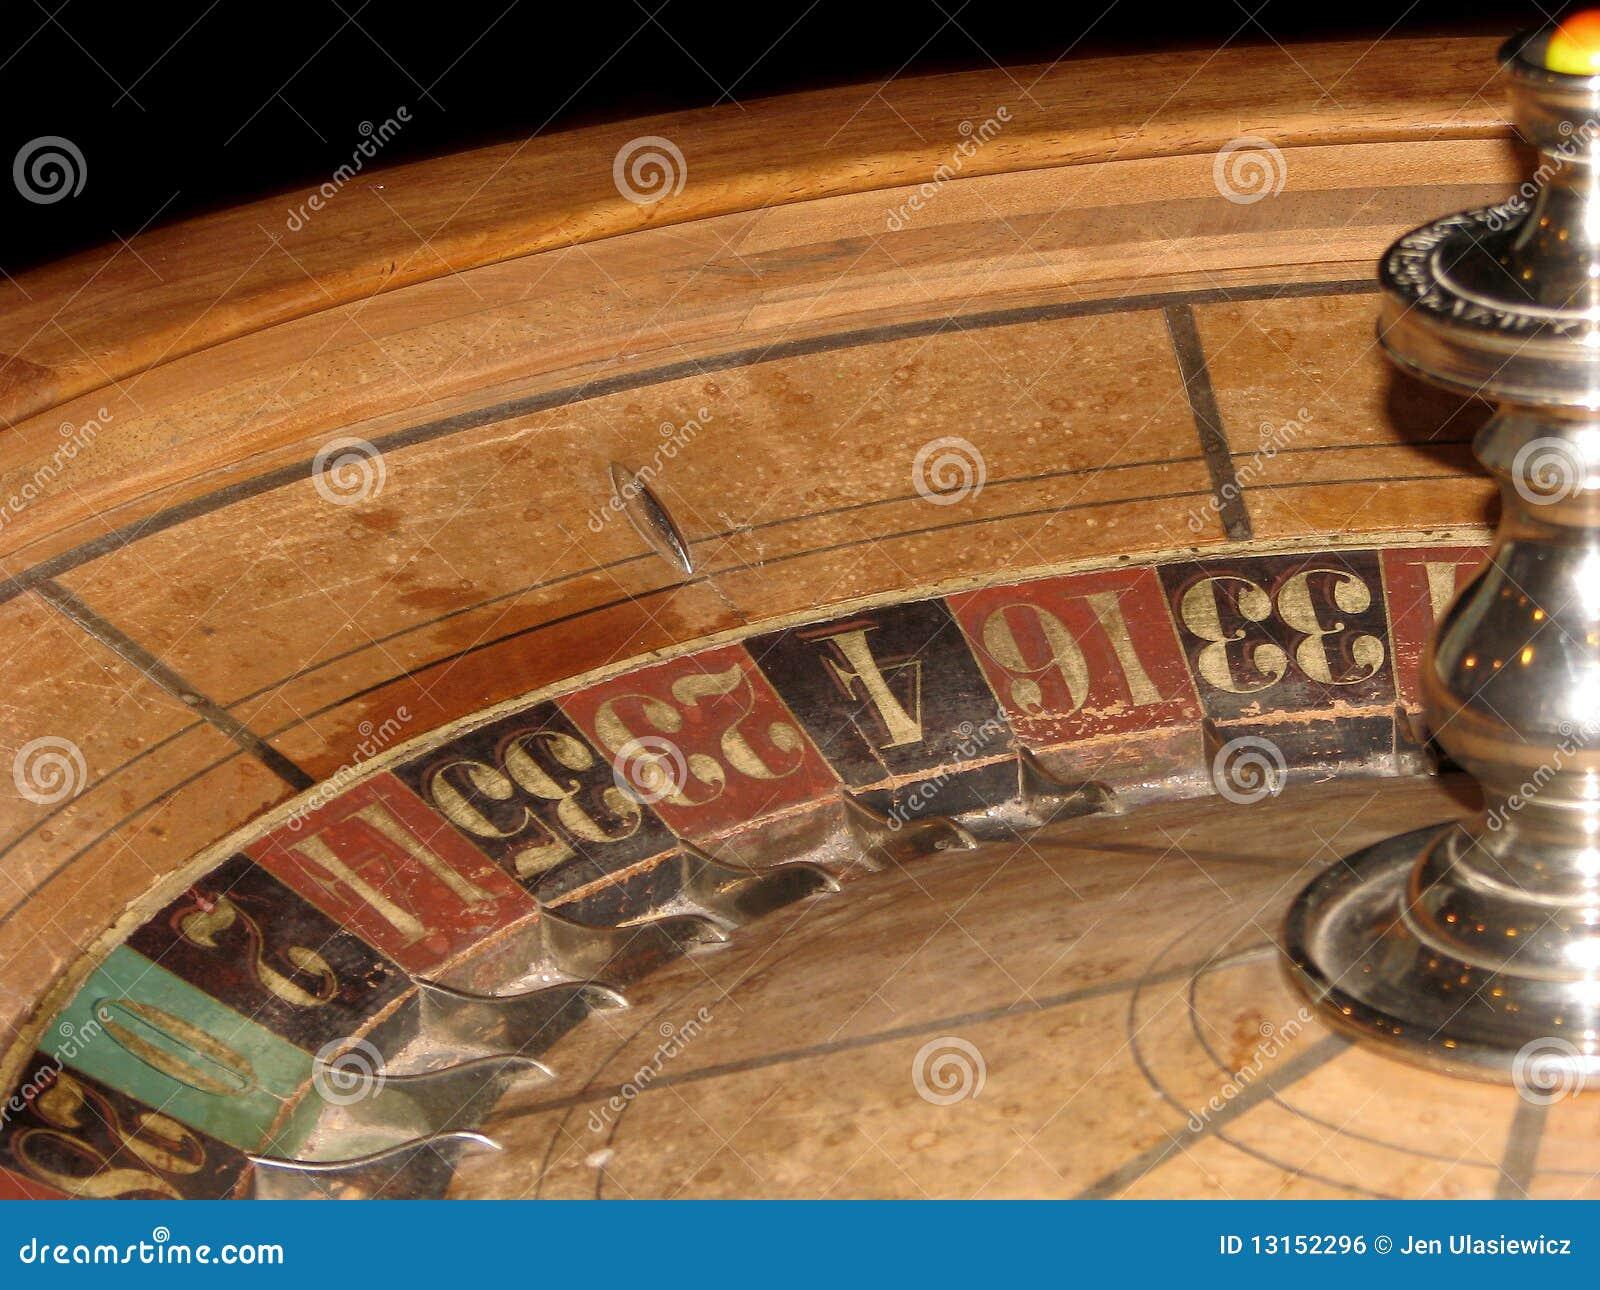 Antique gambling